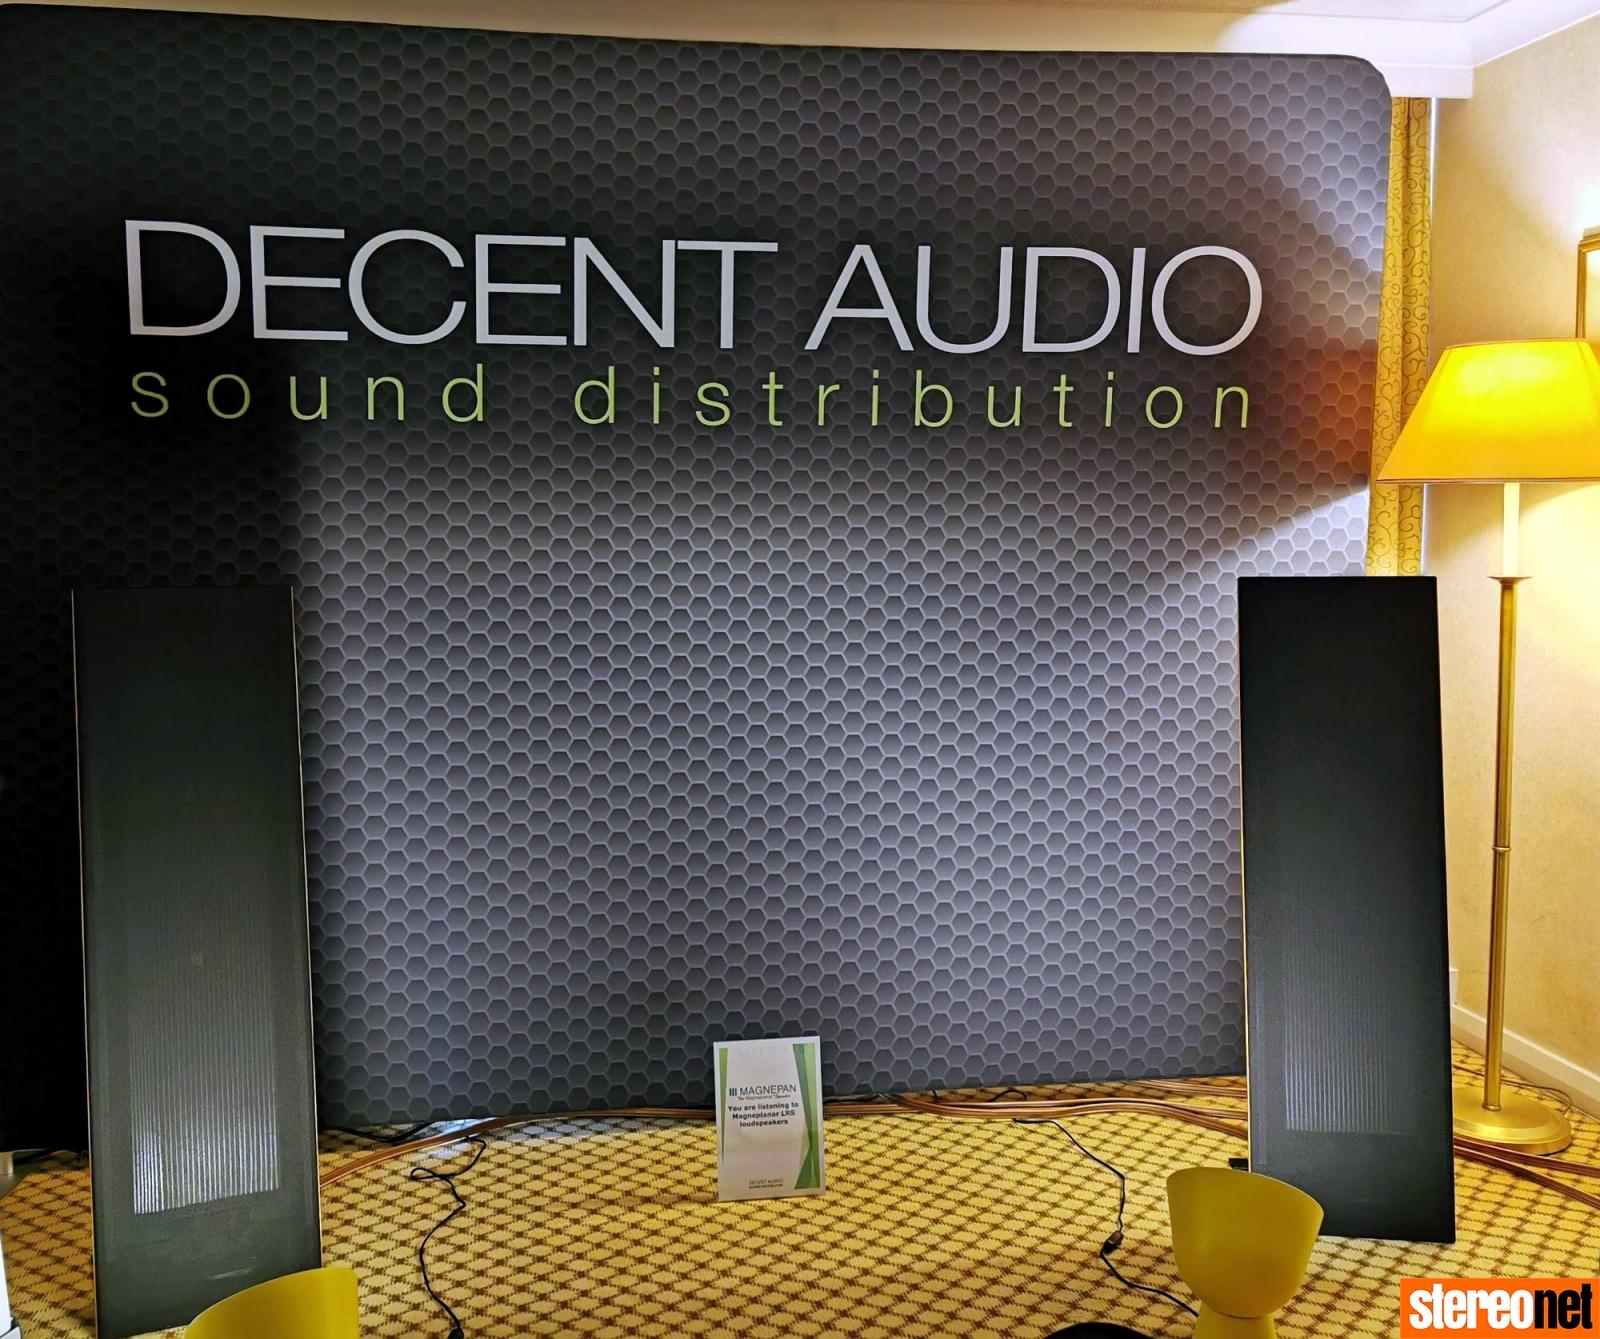 Decent Audio Magnepan Bristol hifi show 2020 report